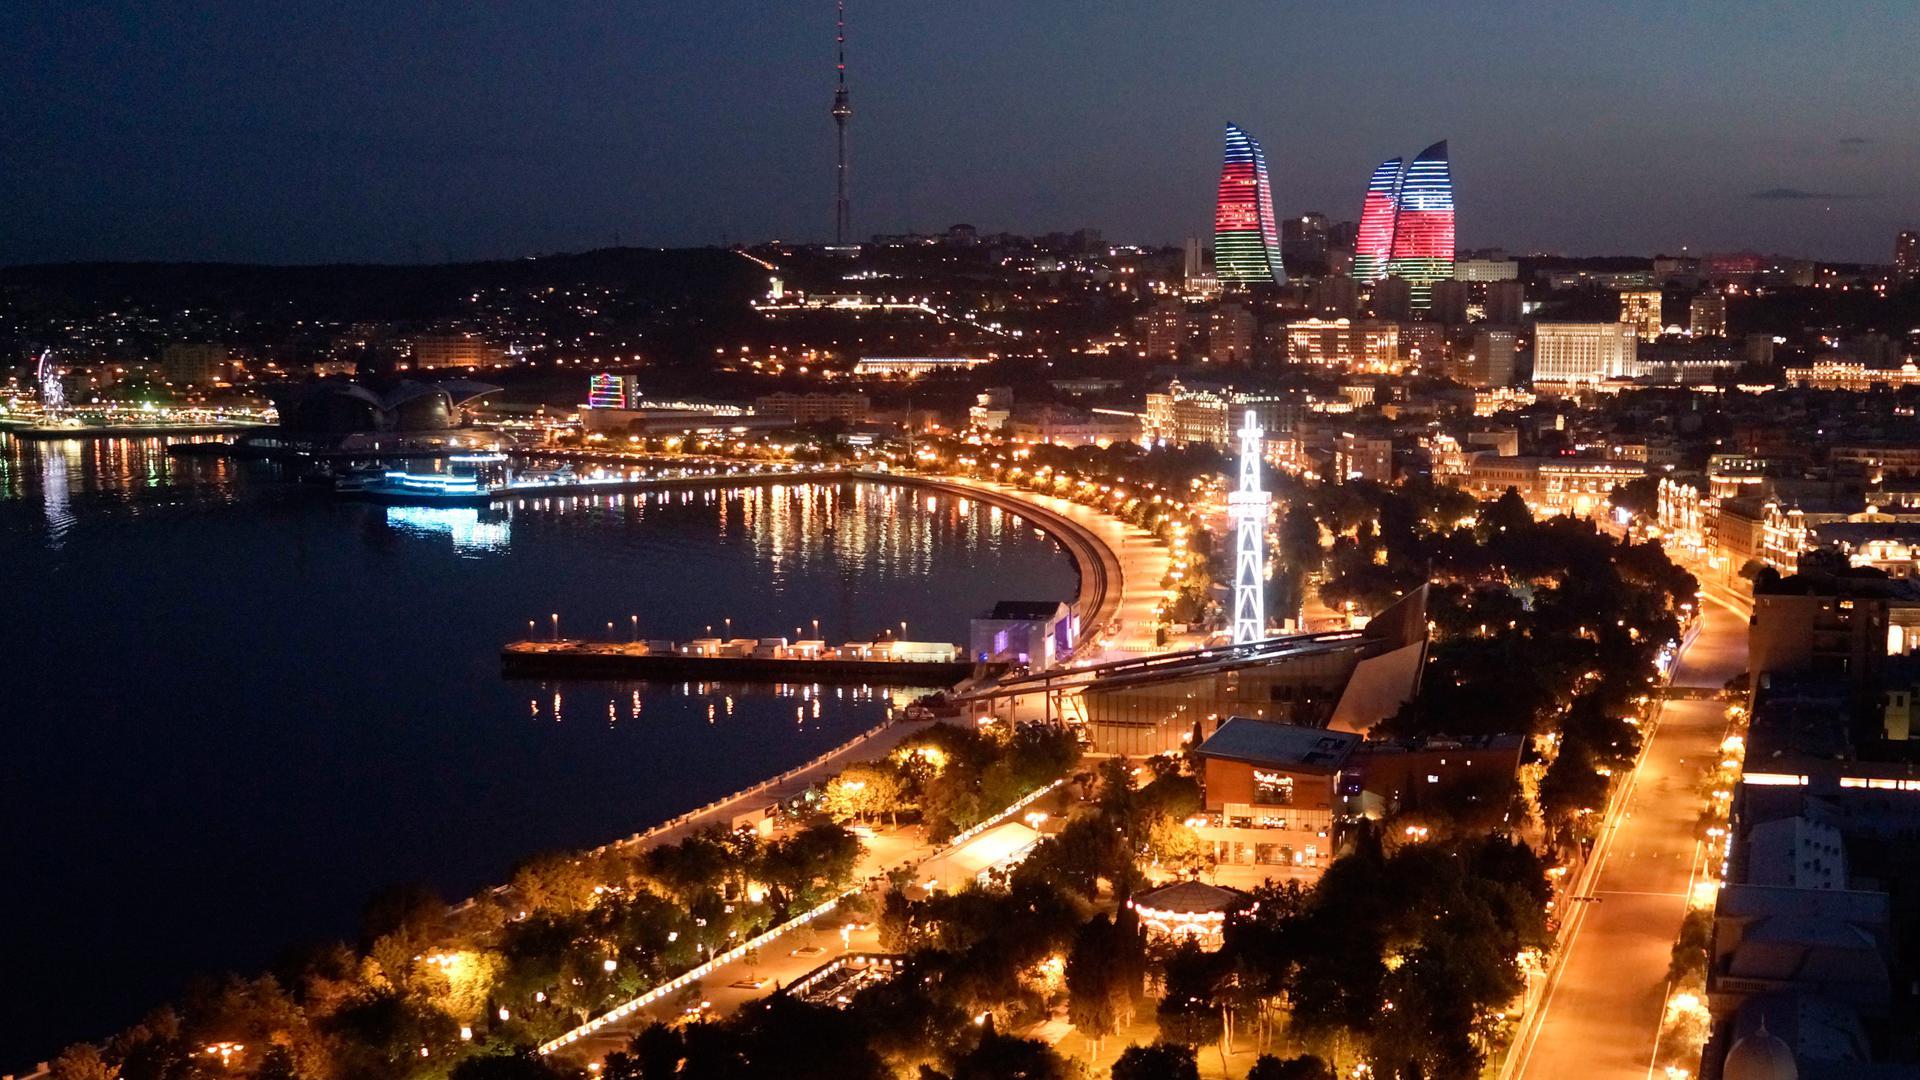 Das nächtliche Stadtzentrum von Baku, der Hauptstadt Aserbaidschans.